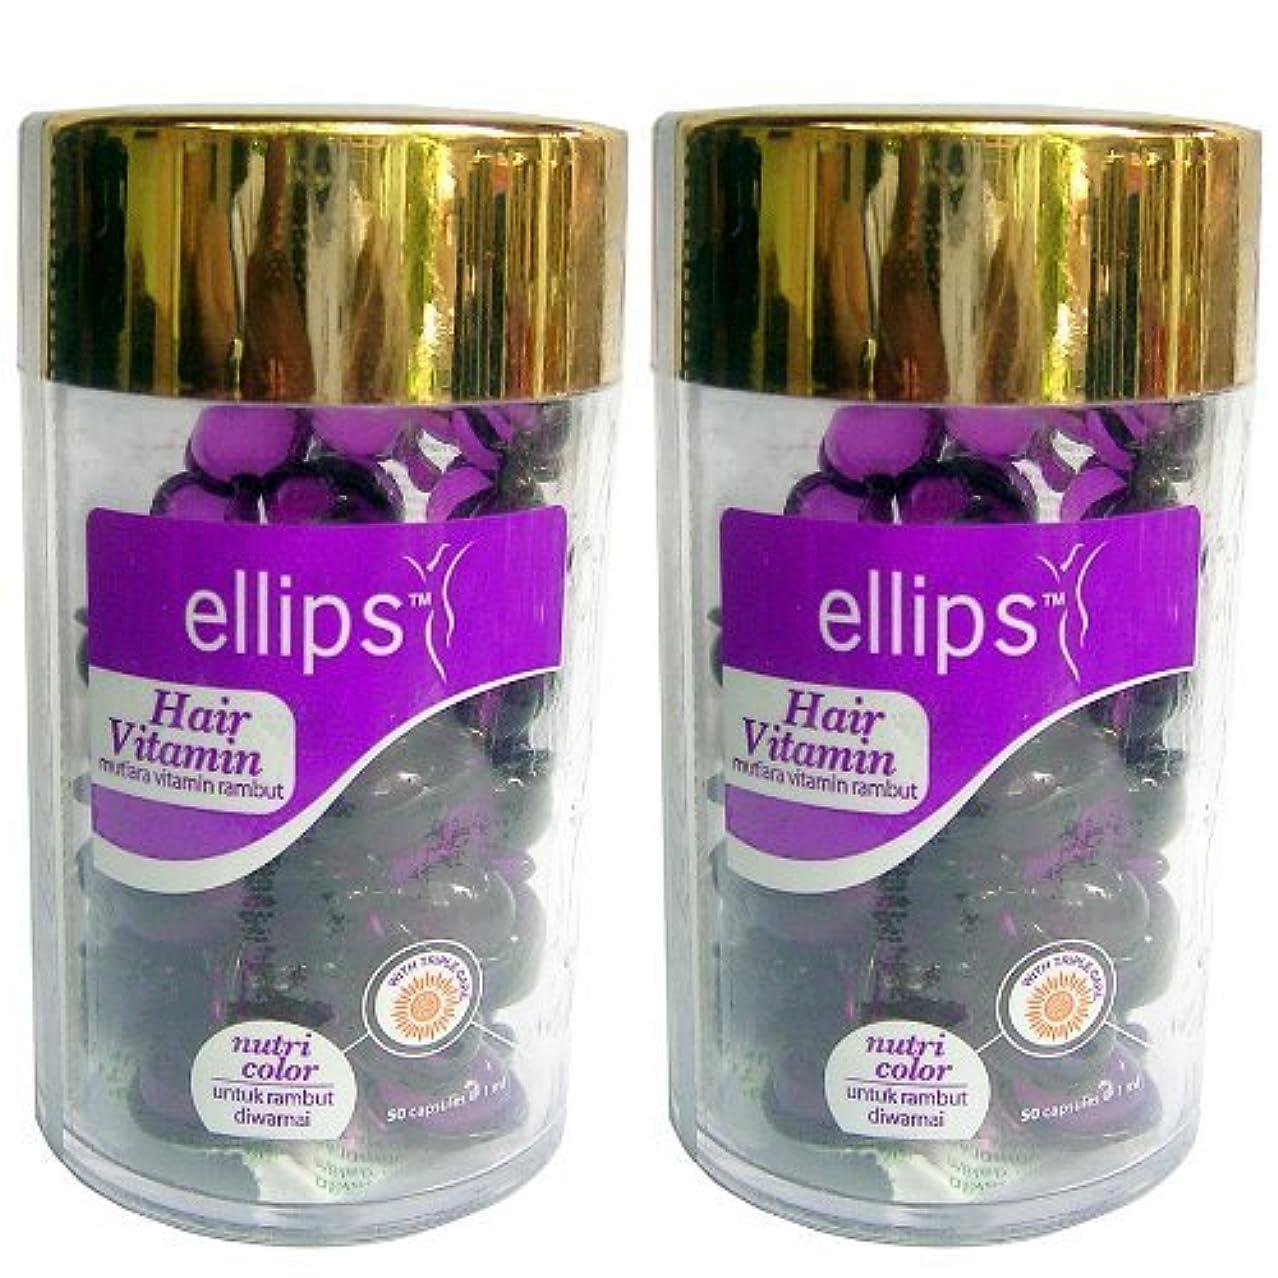 エスニック通り謎めいたEllips(エリプス)ヘアビタミン(50粒入)2個セット [並行輸入品][海外直送品] パープル